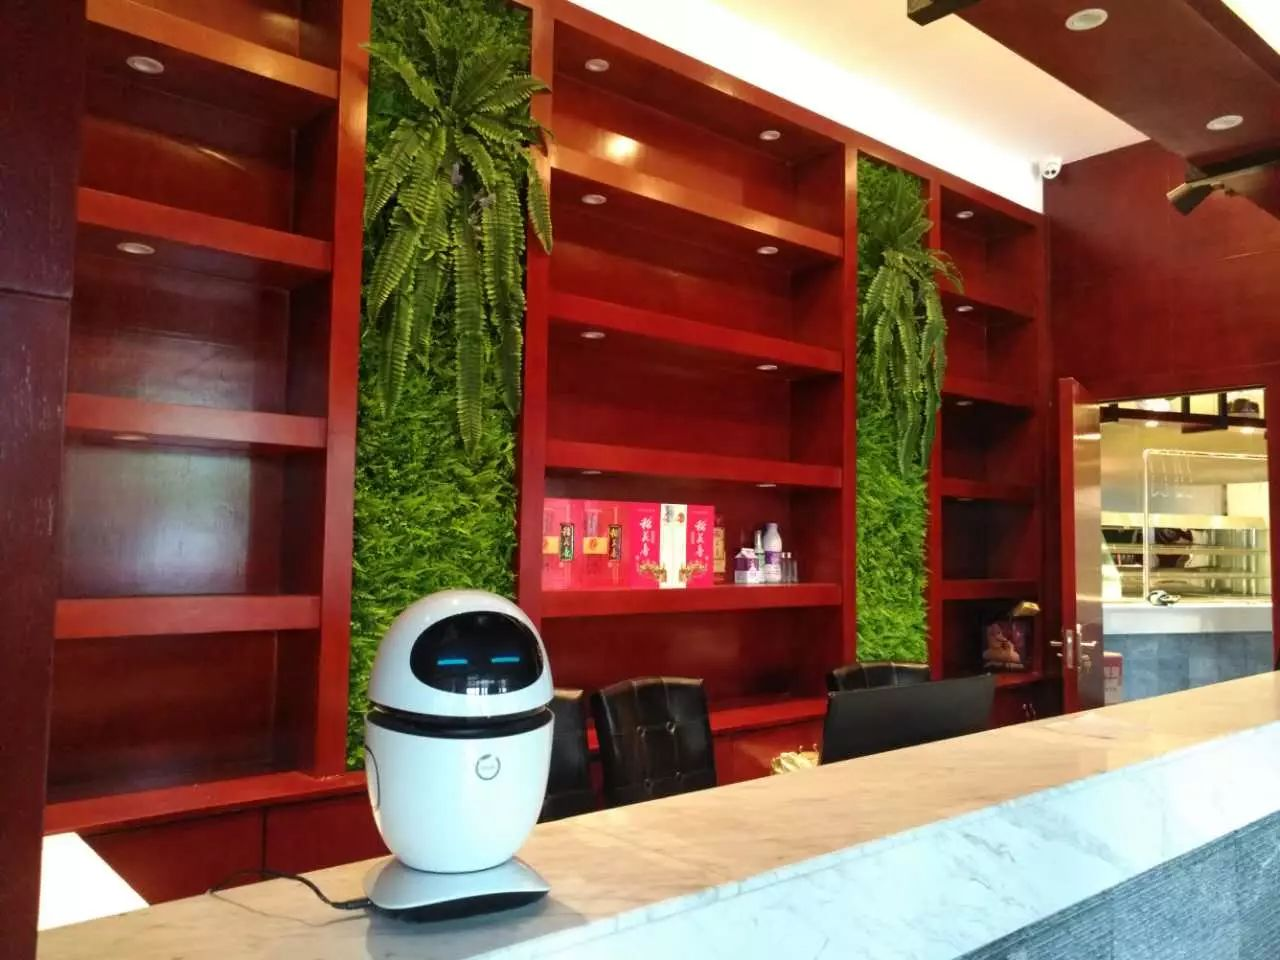 1800平的智能火锅店是一种怎样的体验?6.jpg